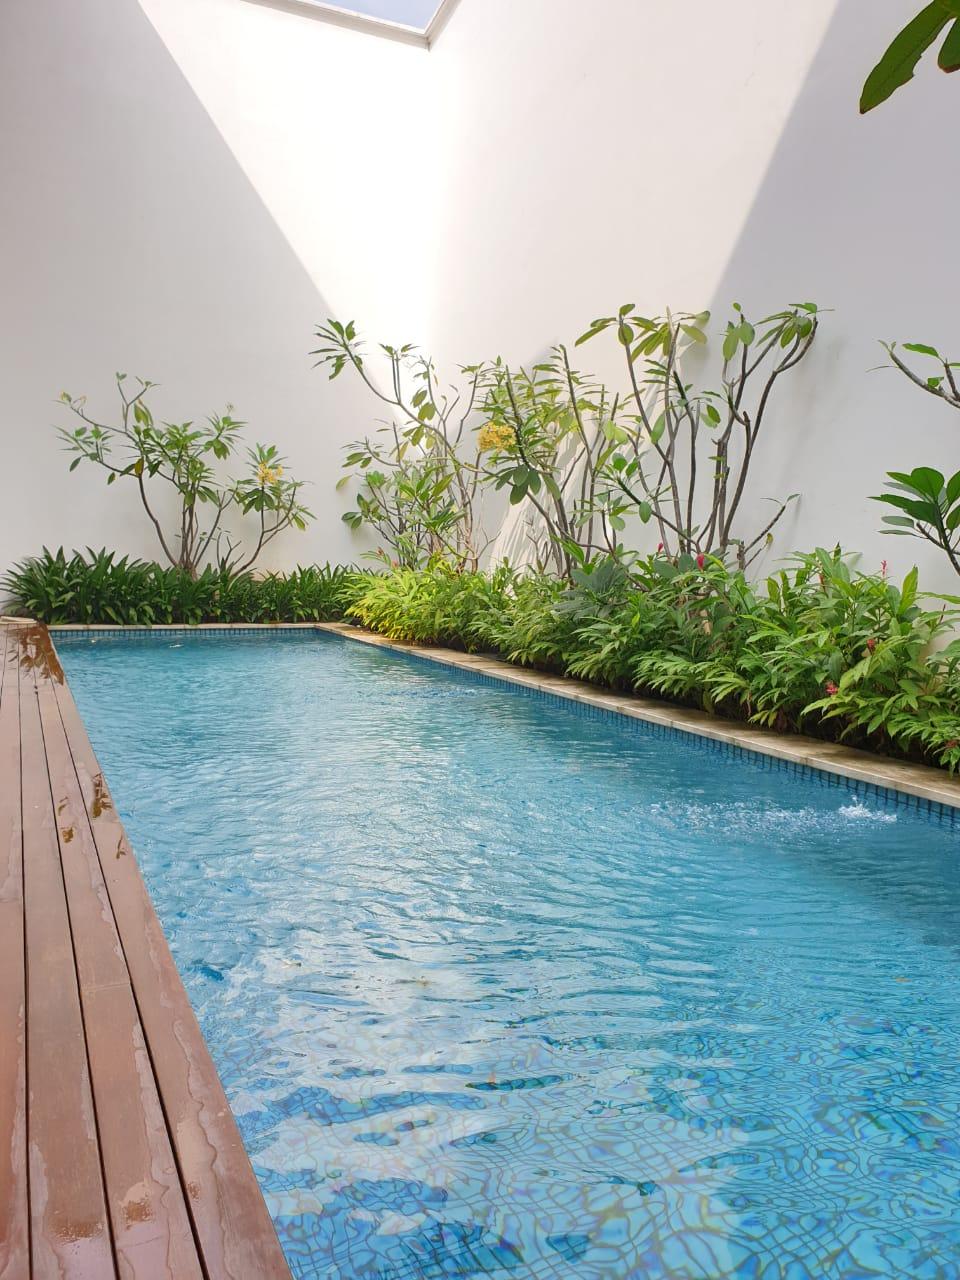 Rumah mewah Bonus Kolam Renang di Pondok Indah, Jakarta Selatan - 6